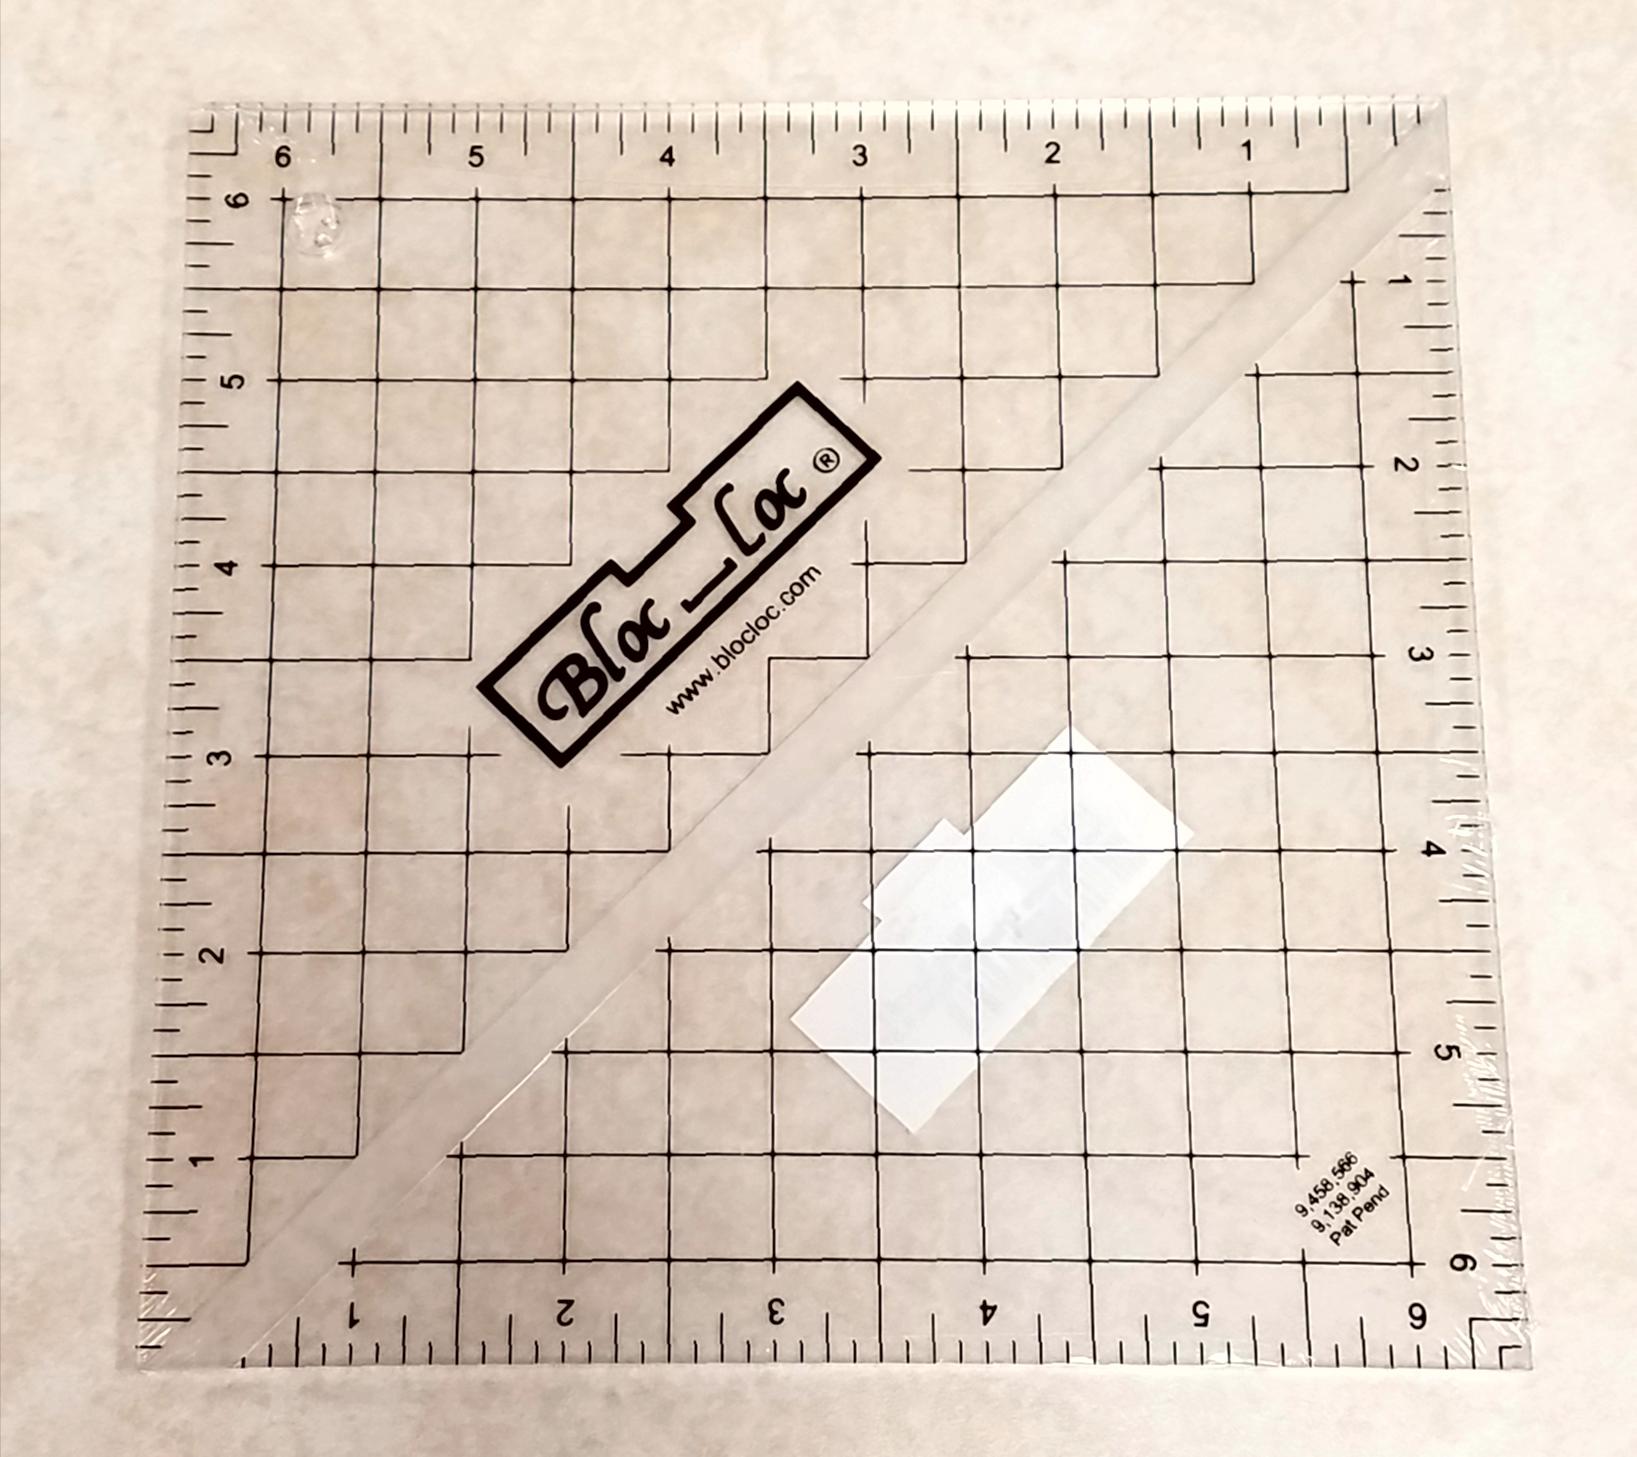 Bloc Loc 6.5 Half Square Triangle Ruler